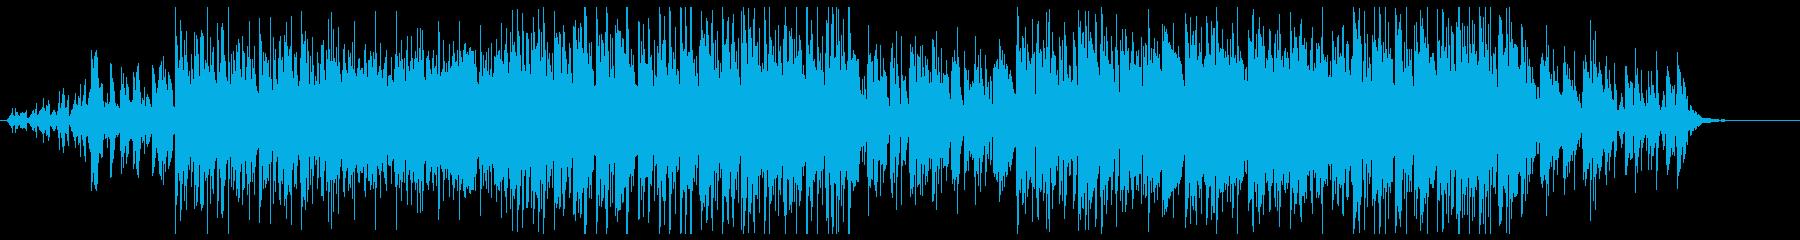 時間の流れを表現した綺麗で不思議な曲の再生済みの波形